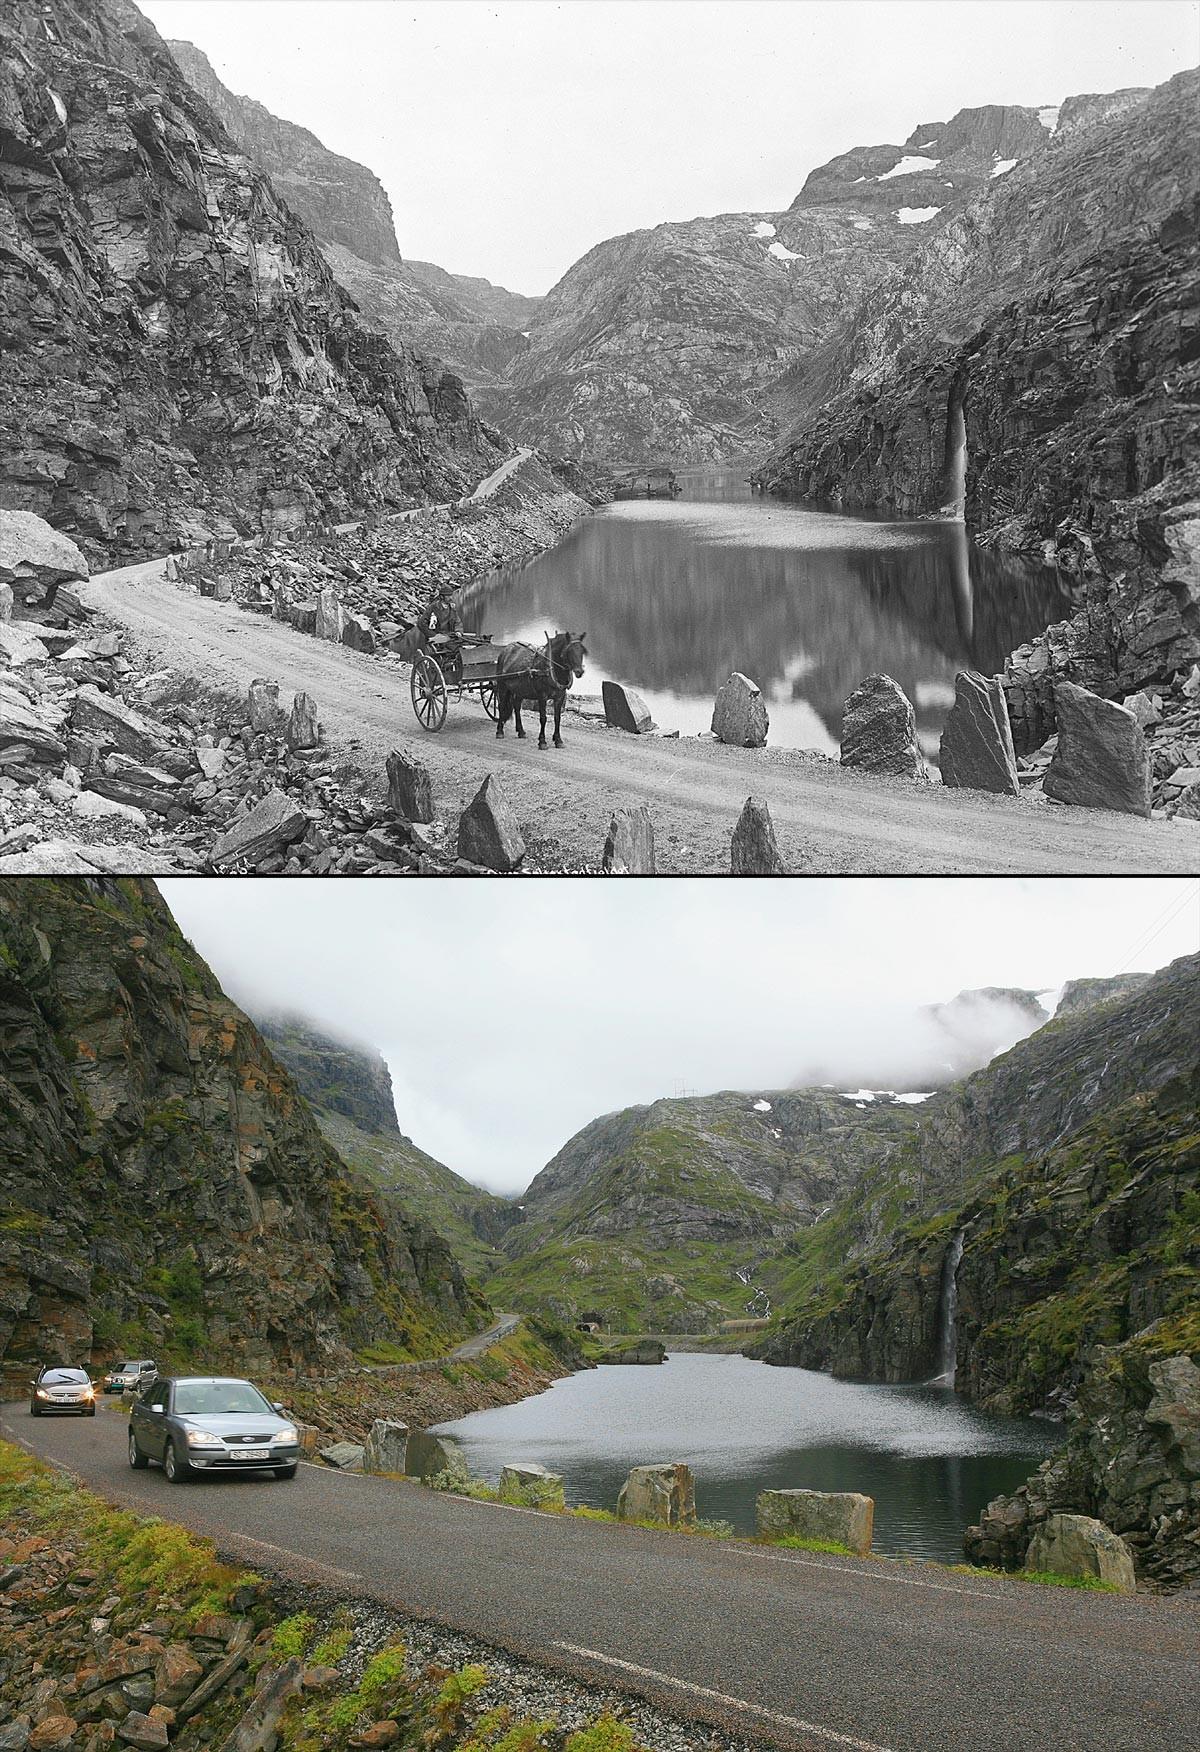 Noruega antes e após o petróleo: a transformação do país em imagens 12